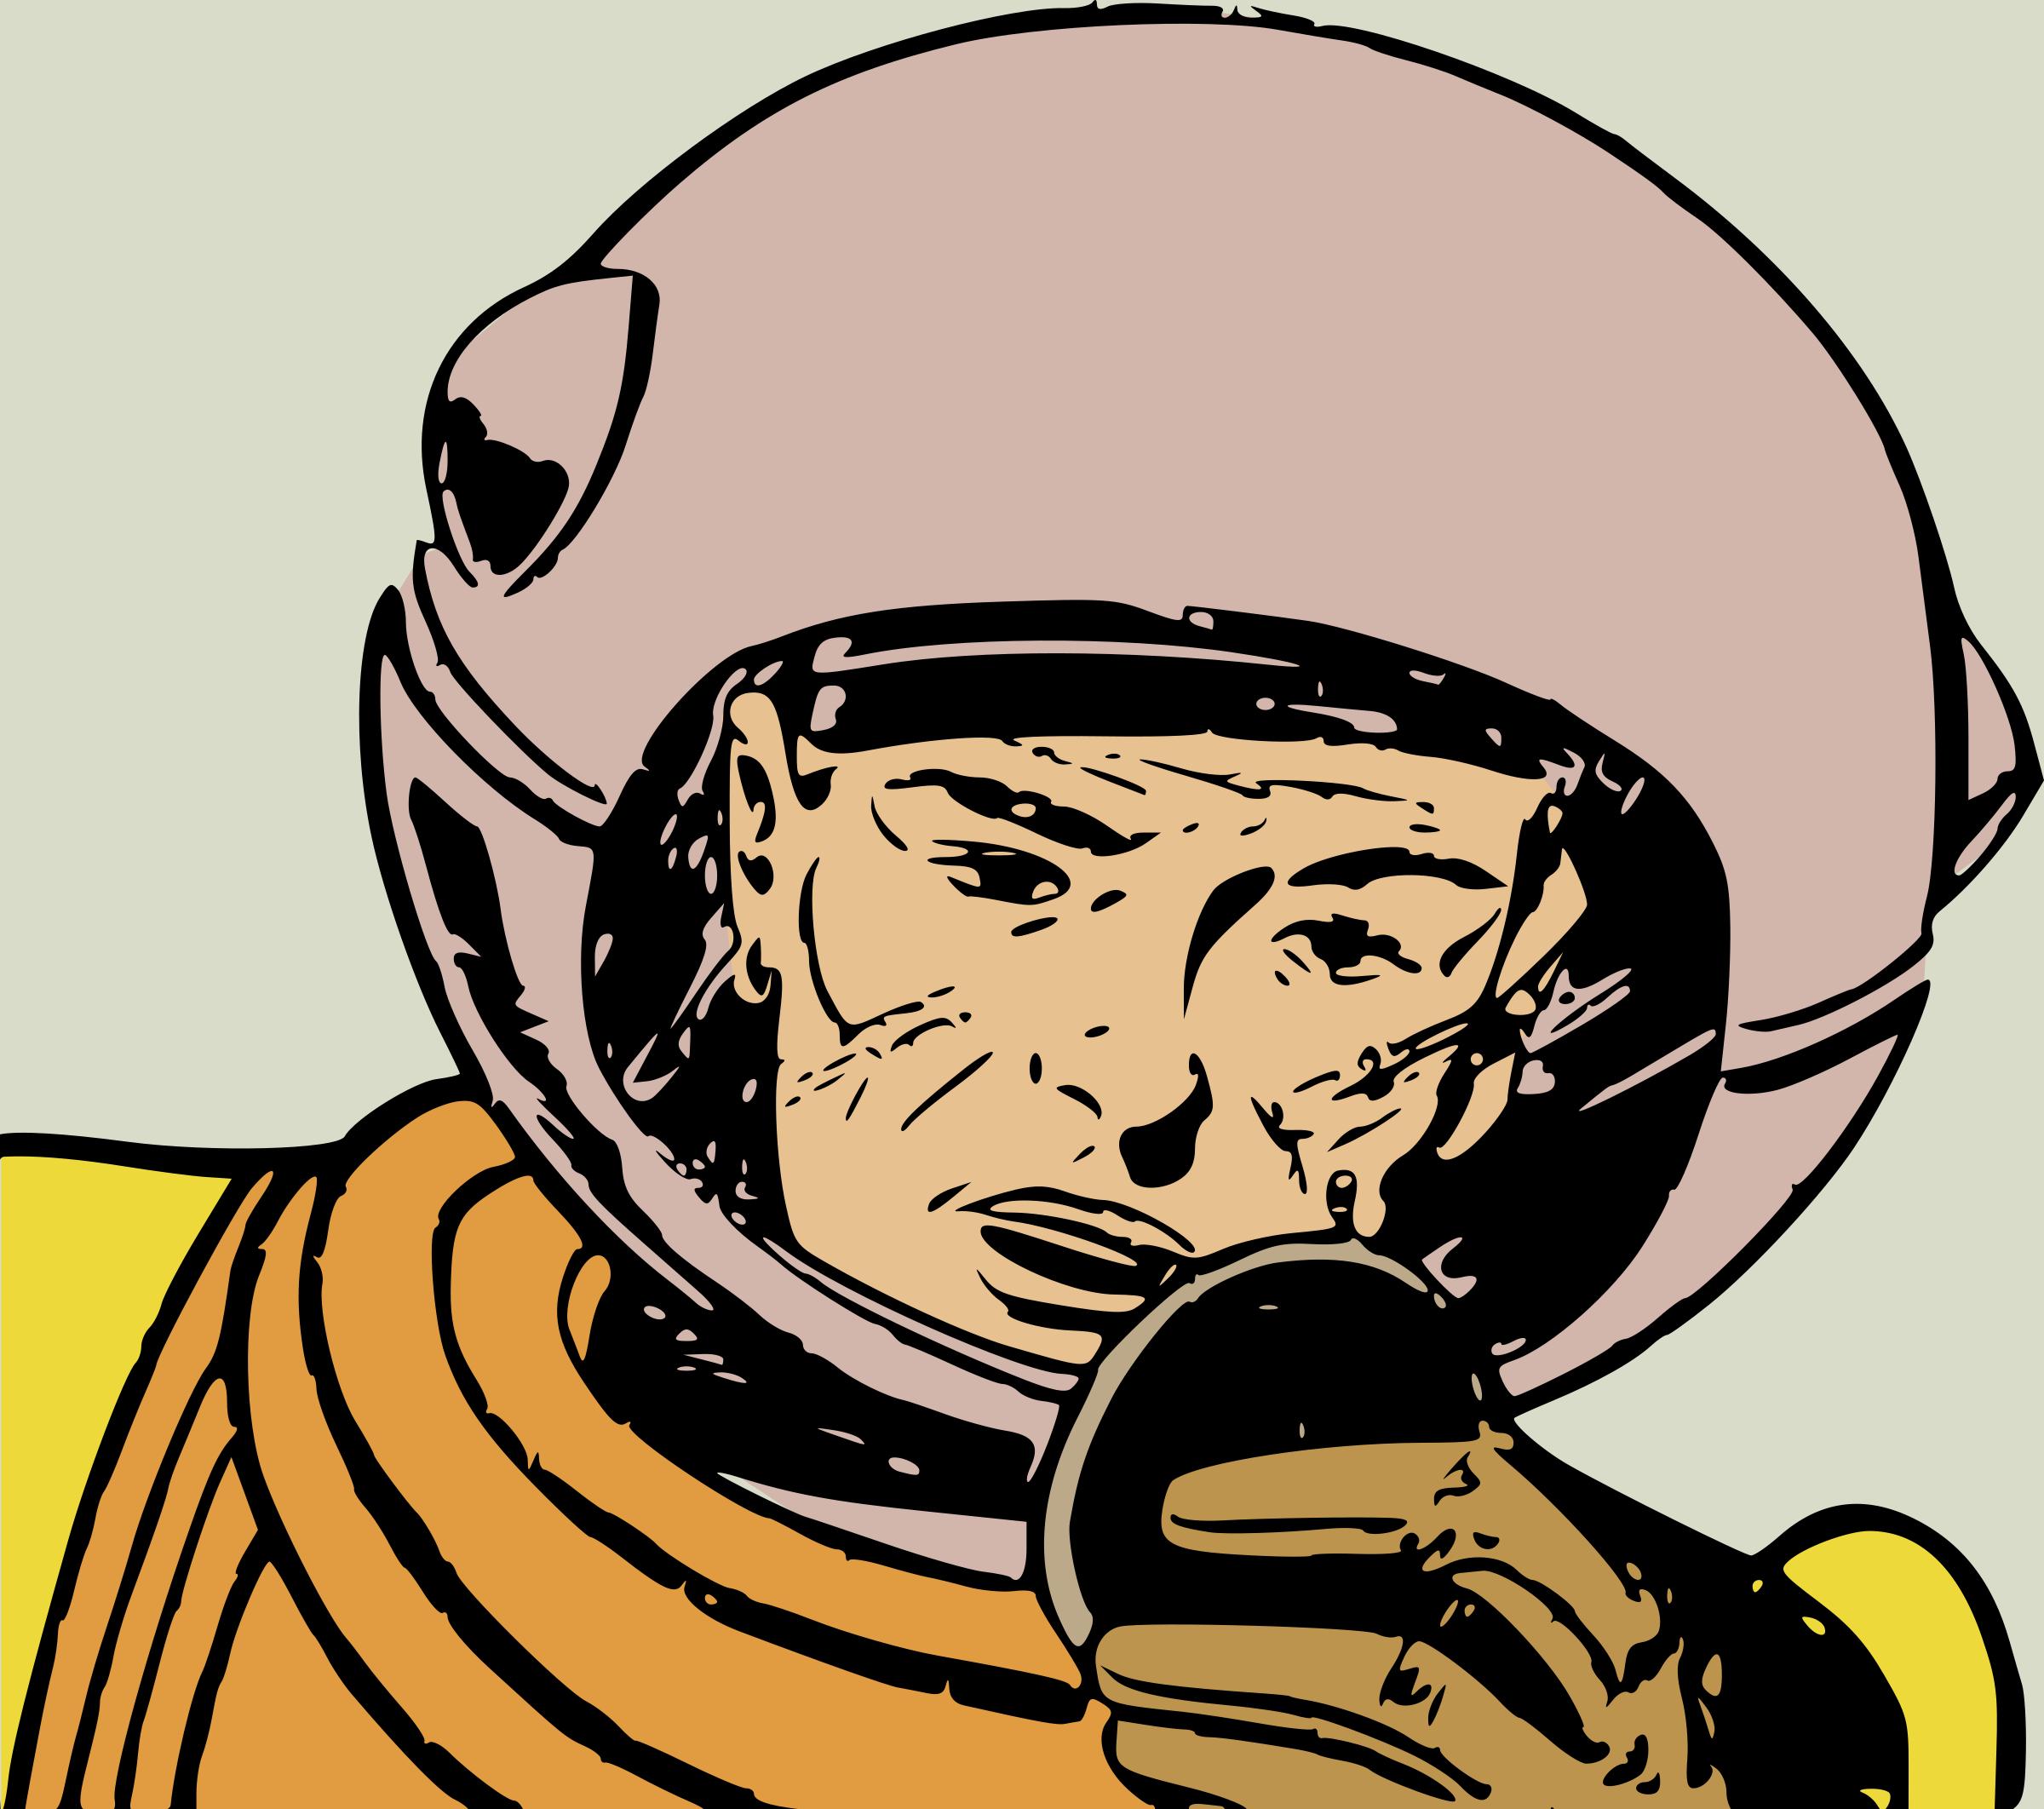 Retro clipart astronaut #6